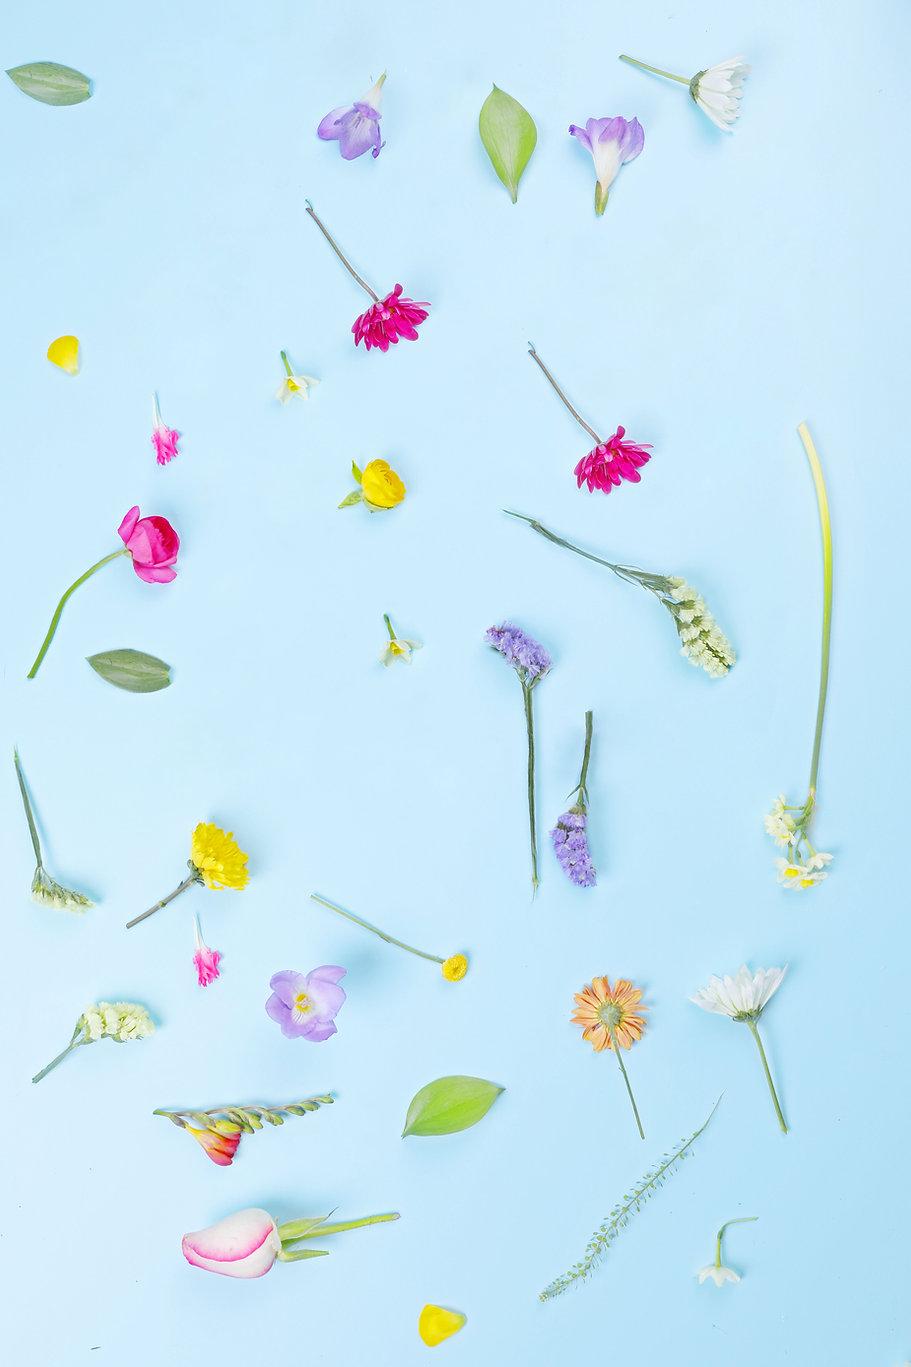 composición de la flor